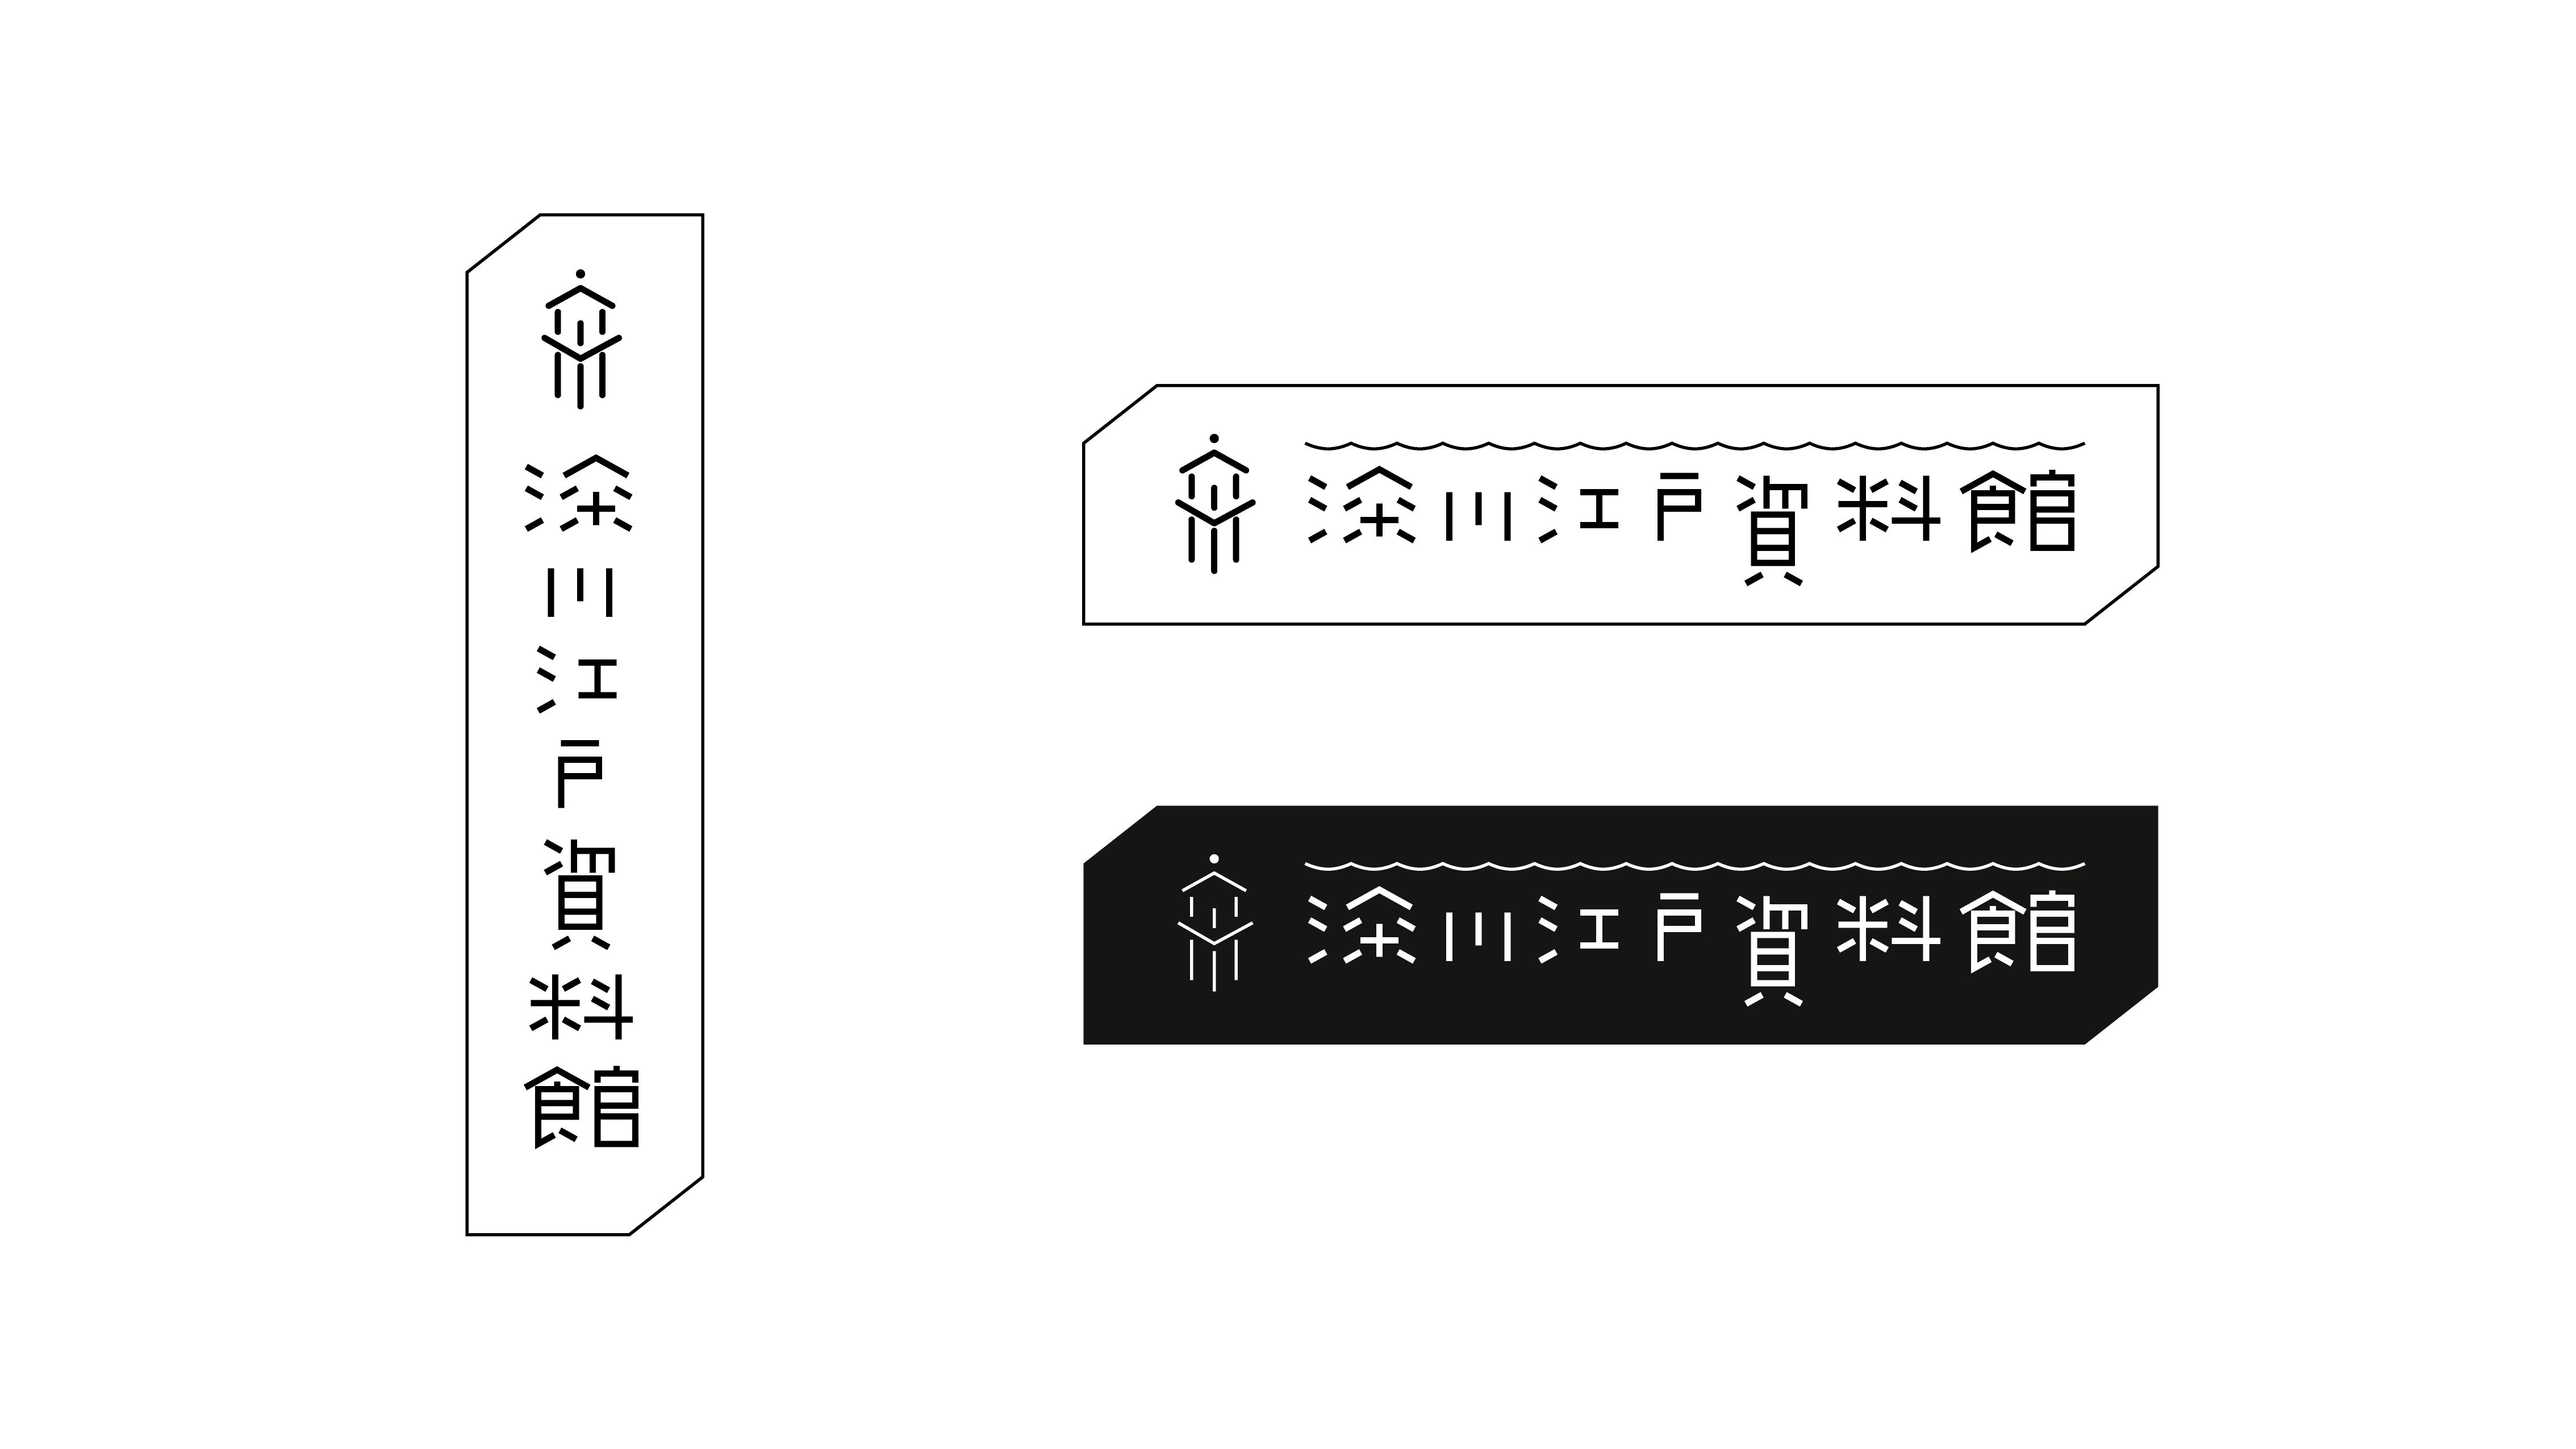 hukagawa_typo